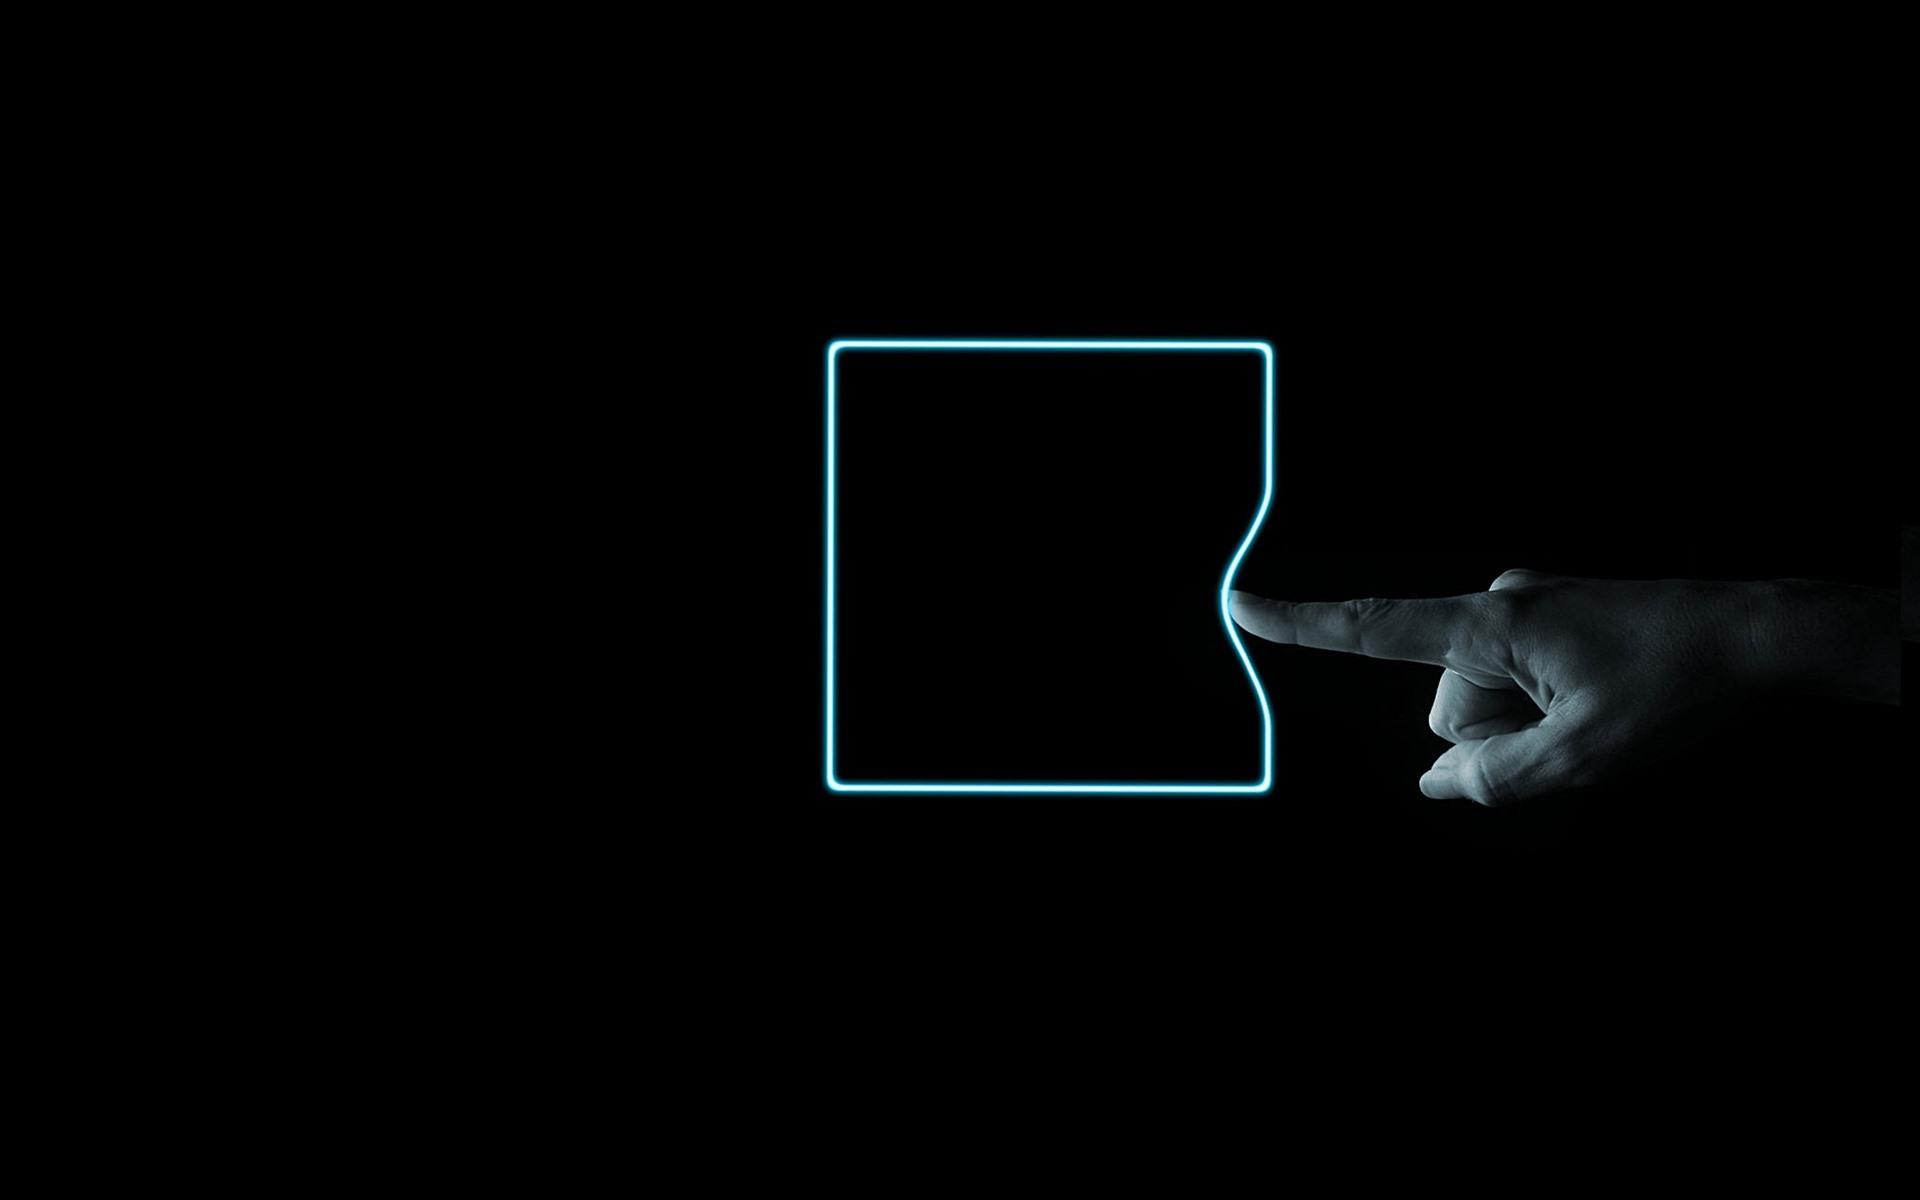 壁纸霓虹方形 手指 黑色背景1920x1200 Hd 高清壁纸 图片 照片